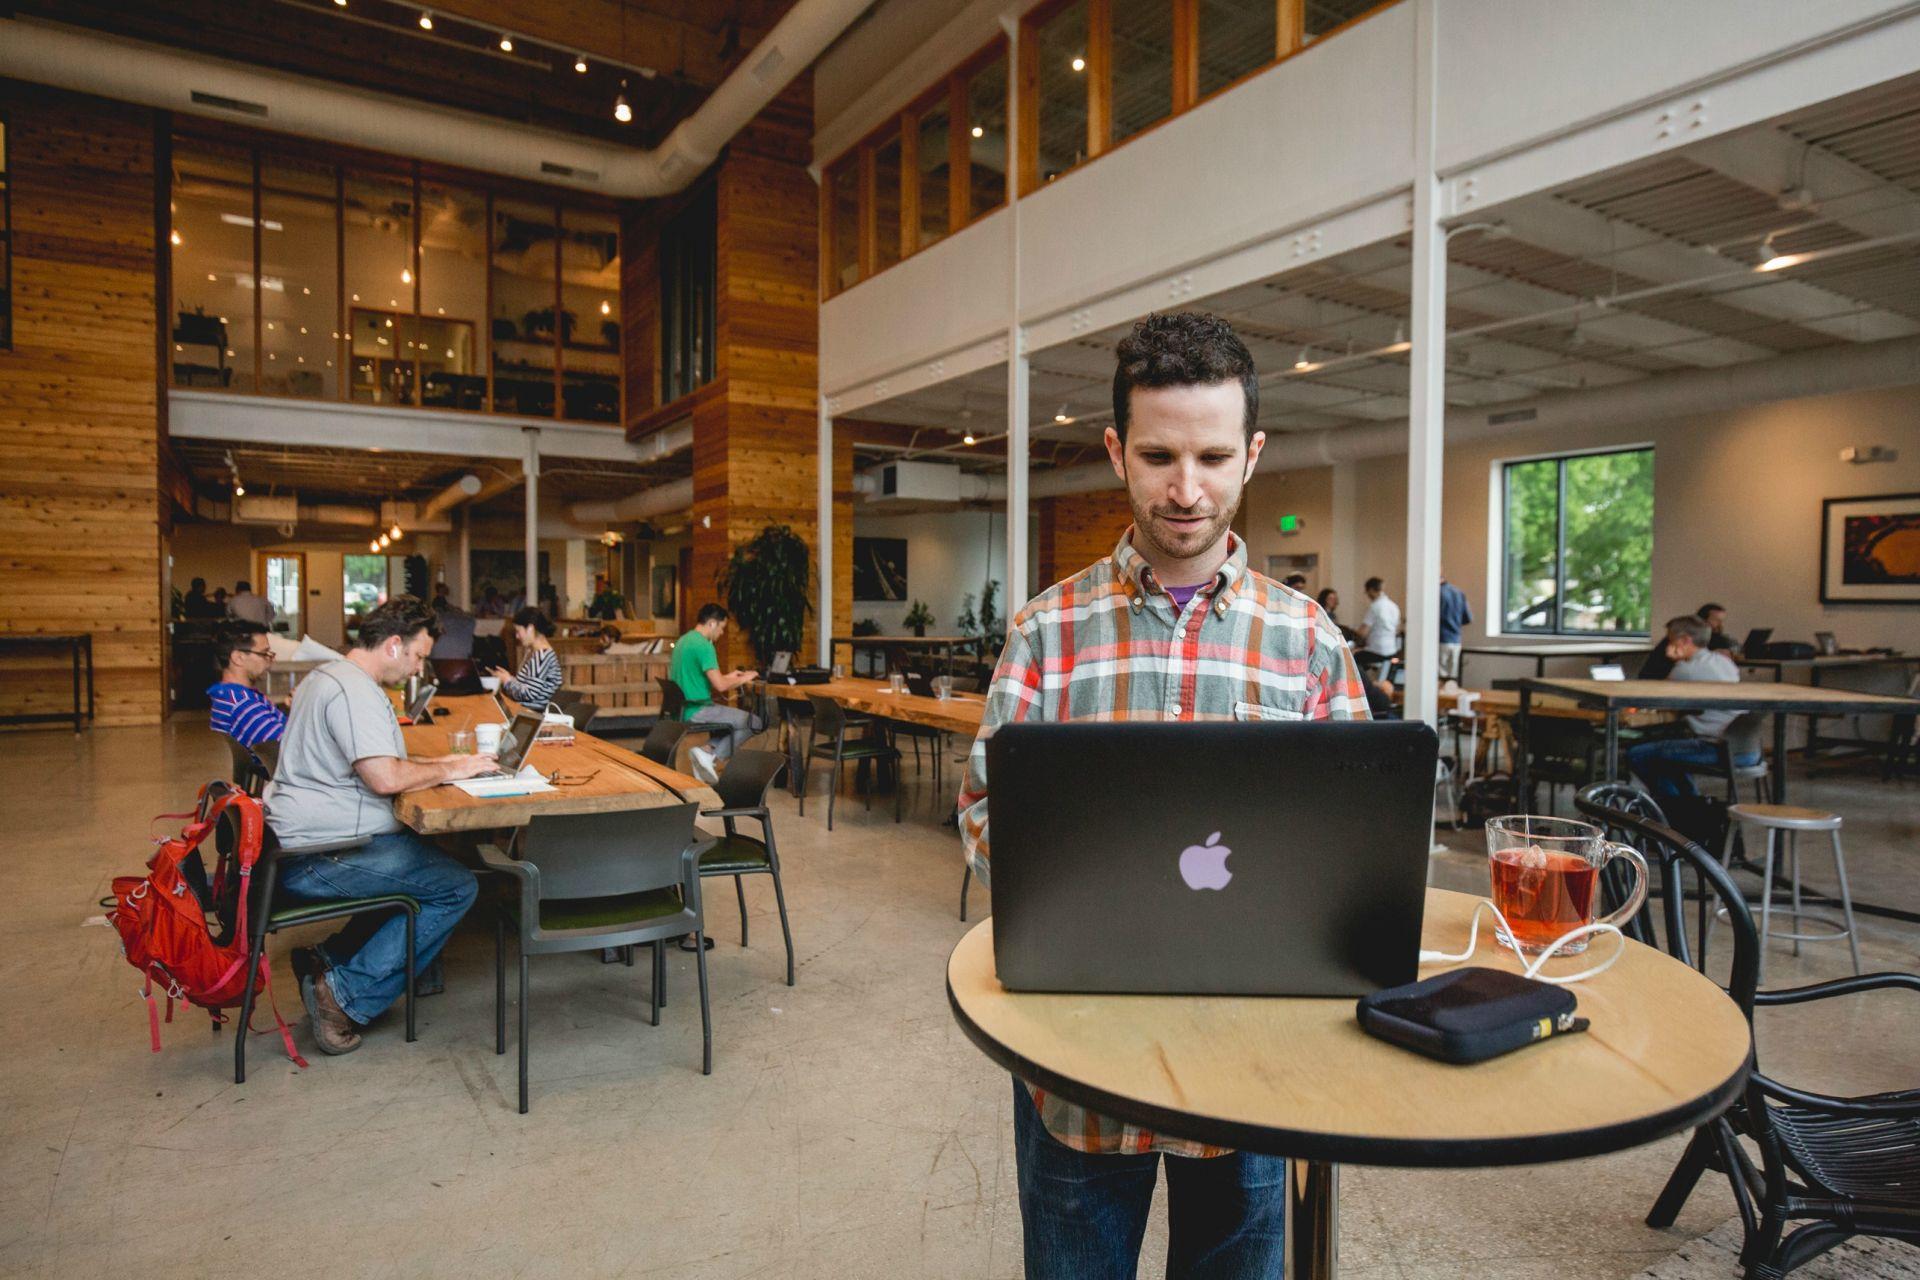 Impact Hub Austin (N. Lamar), Austin